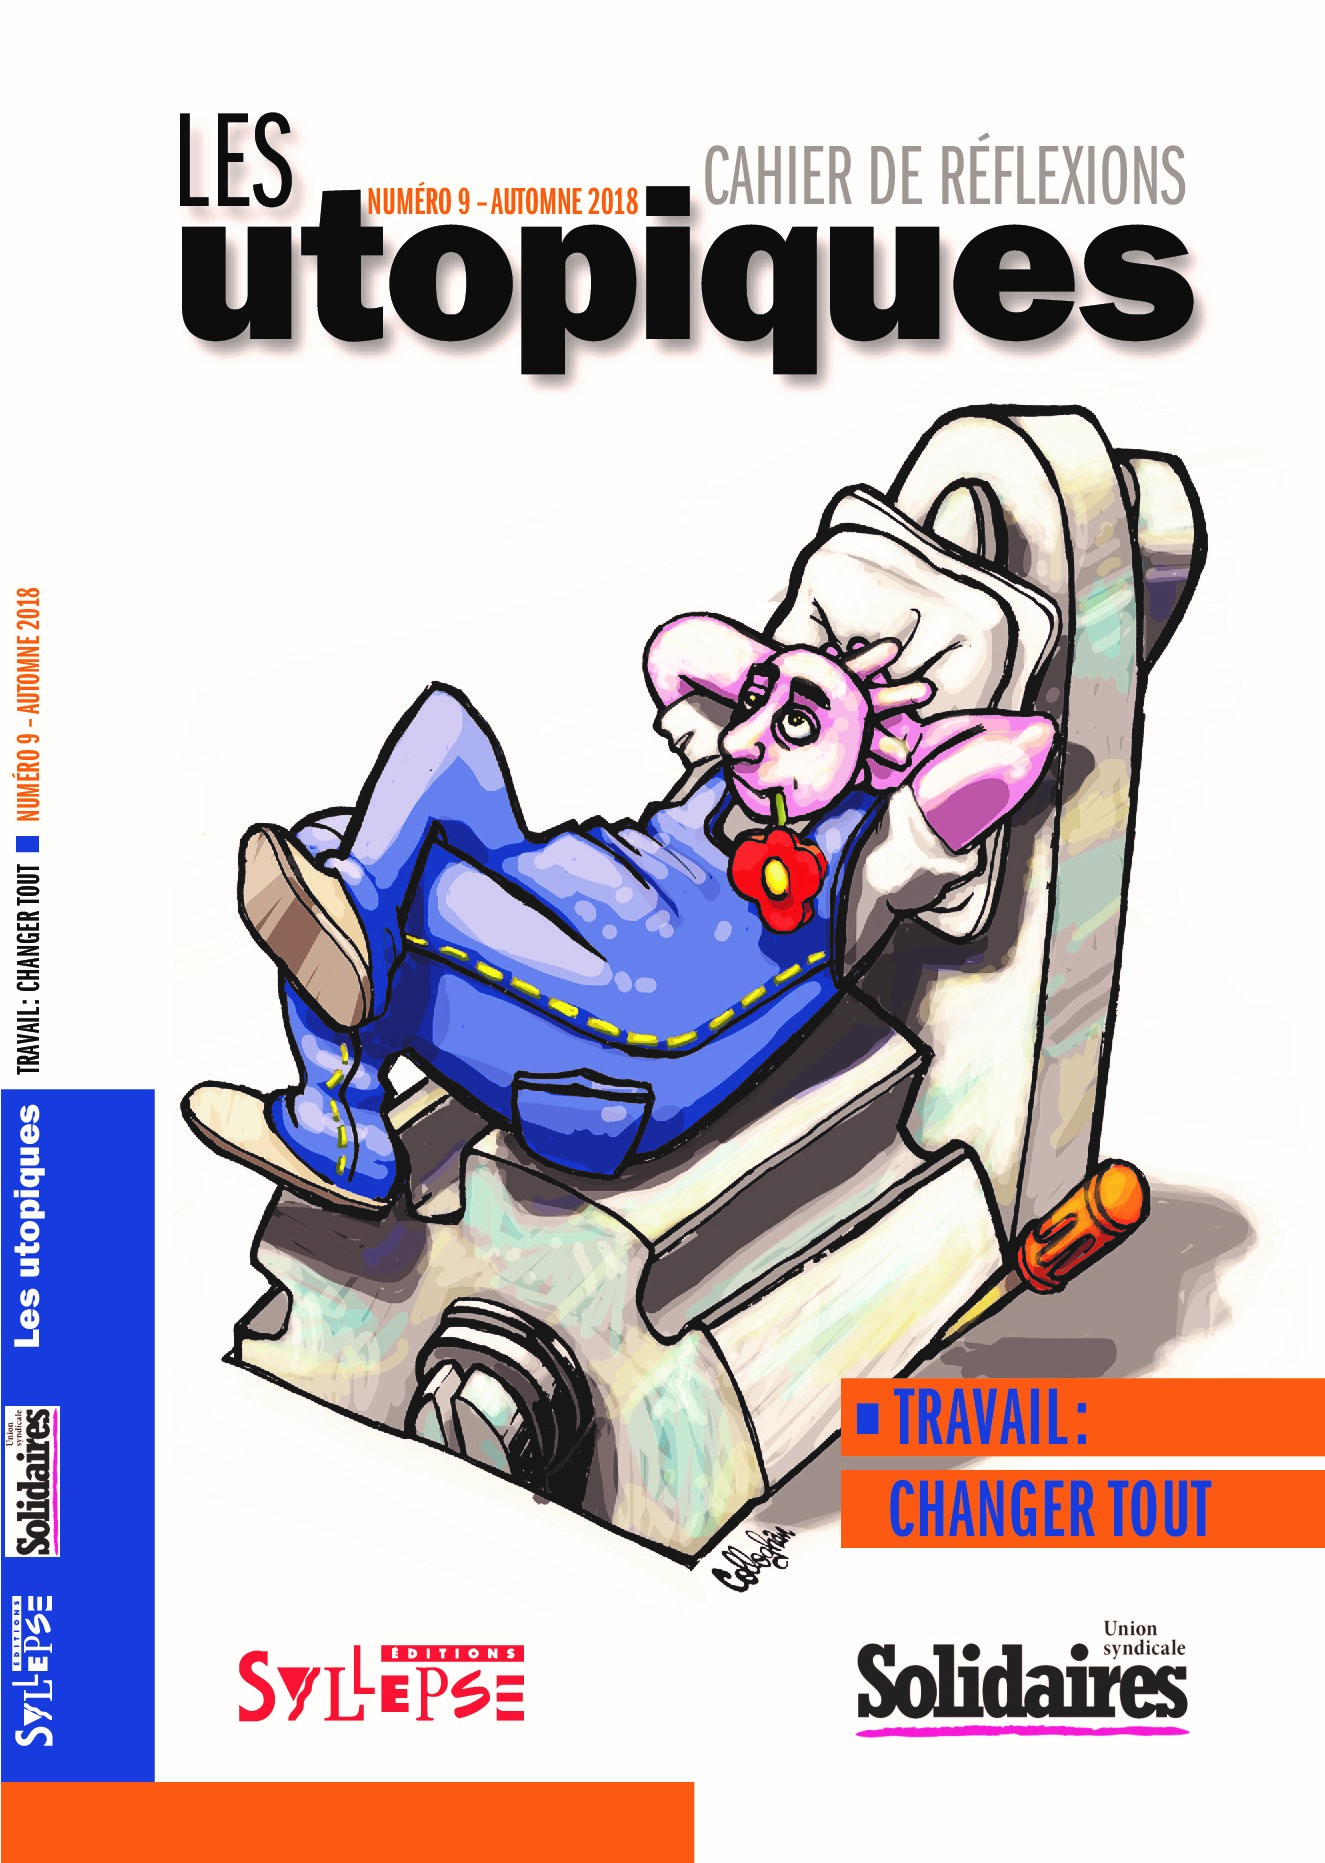 33-Dossier-Les utopiques